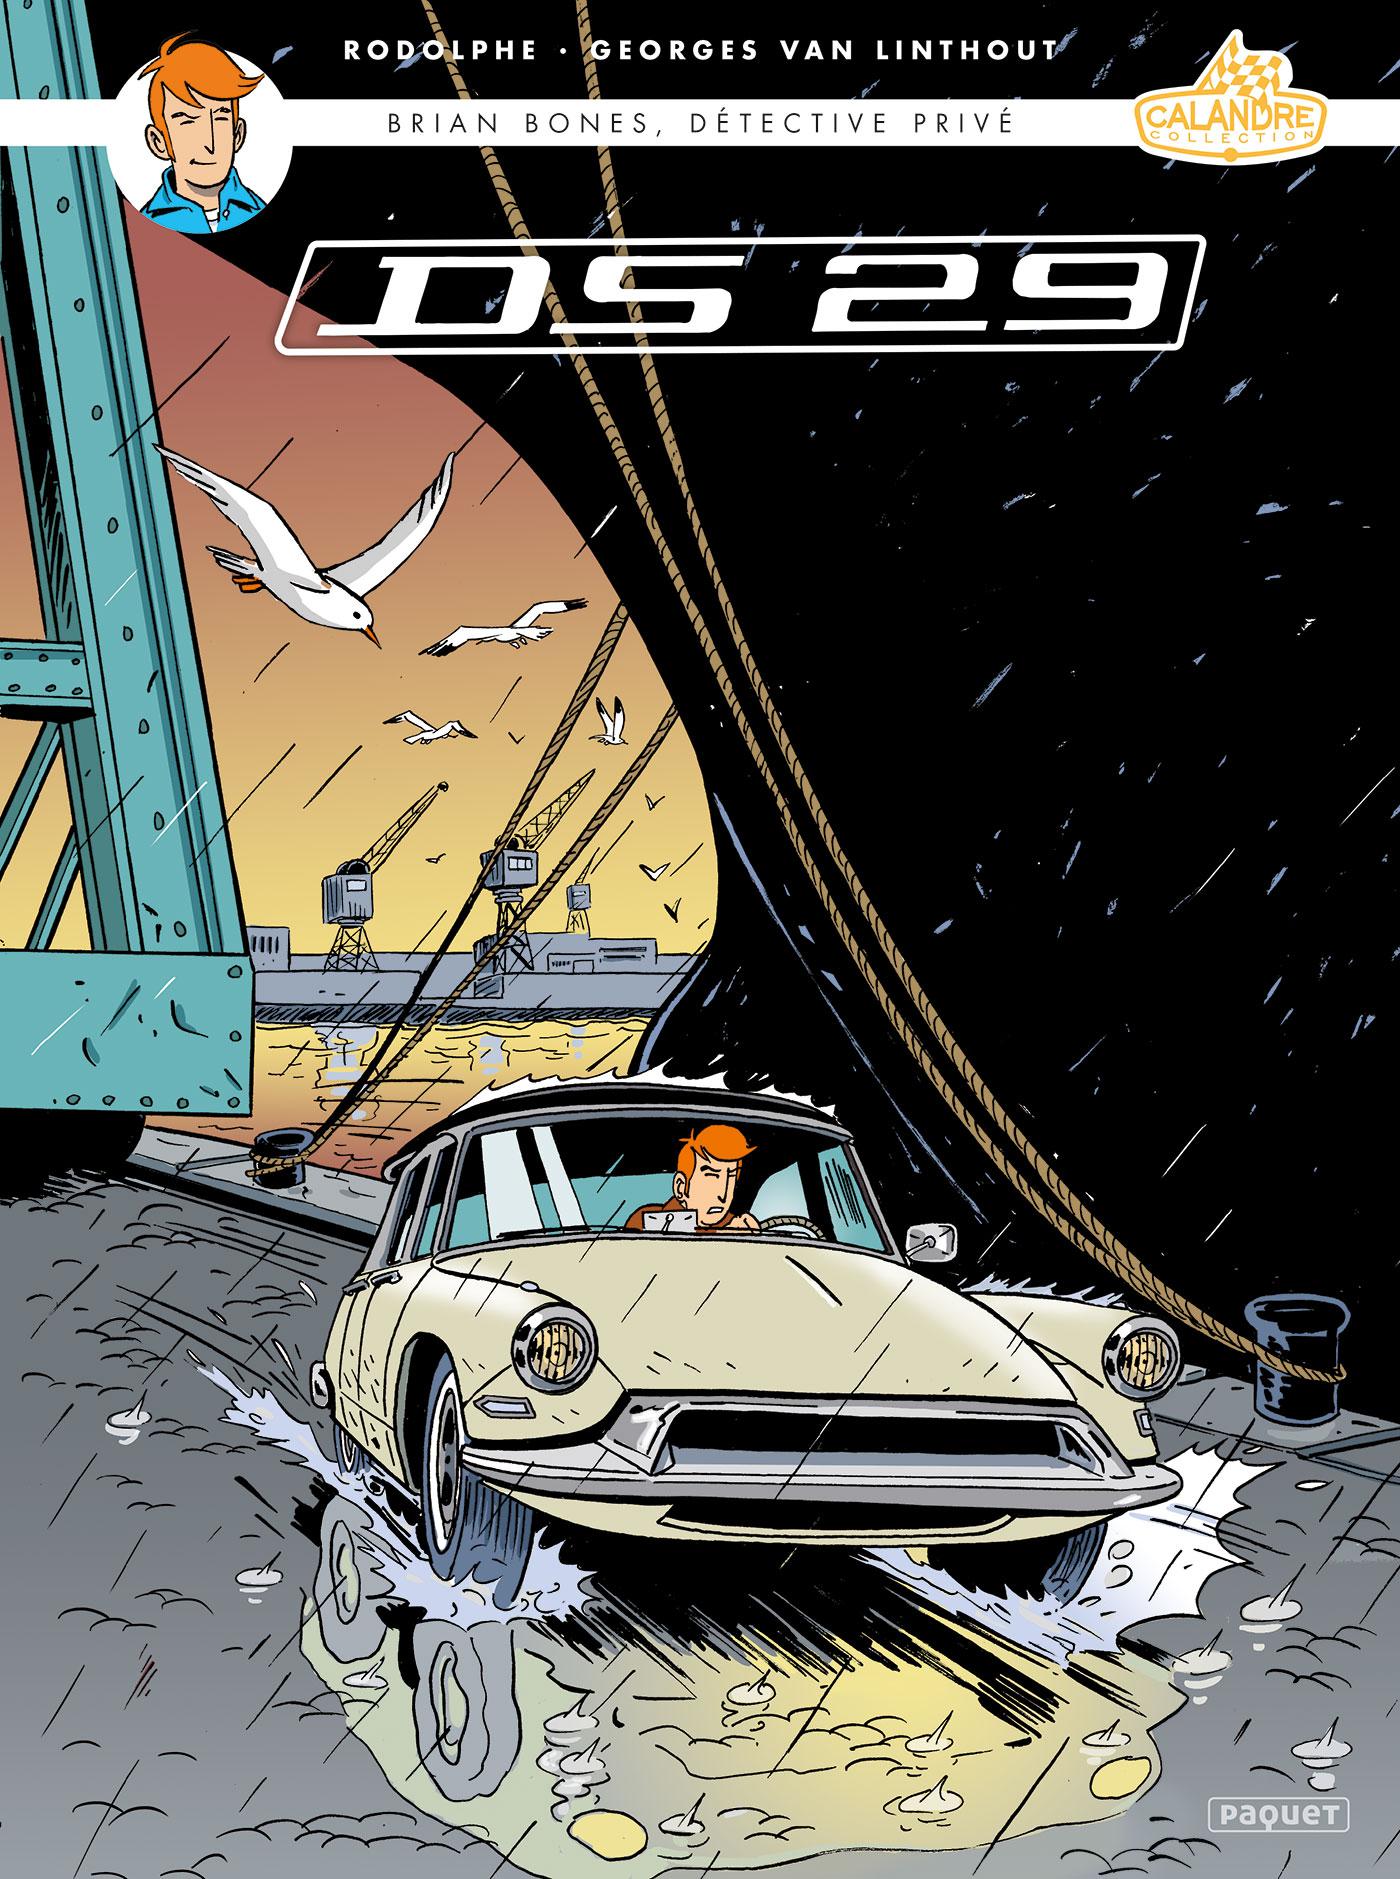 L'Automobile et la Bande Dessinée  - Page 7 Couv_9782889325269_1